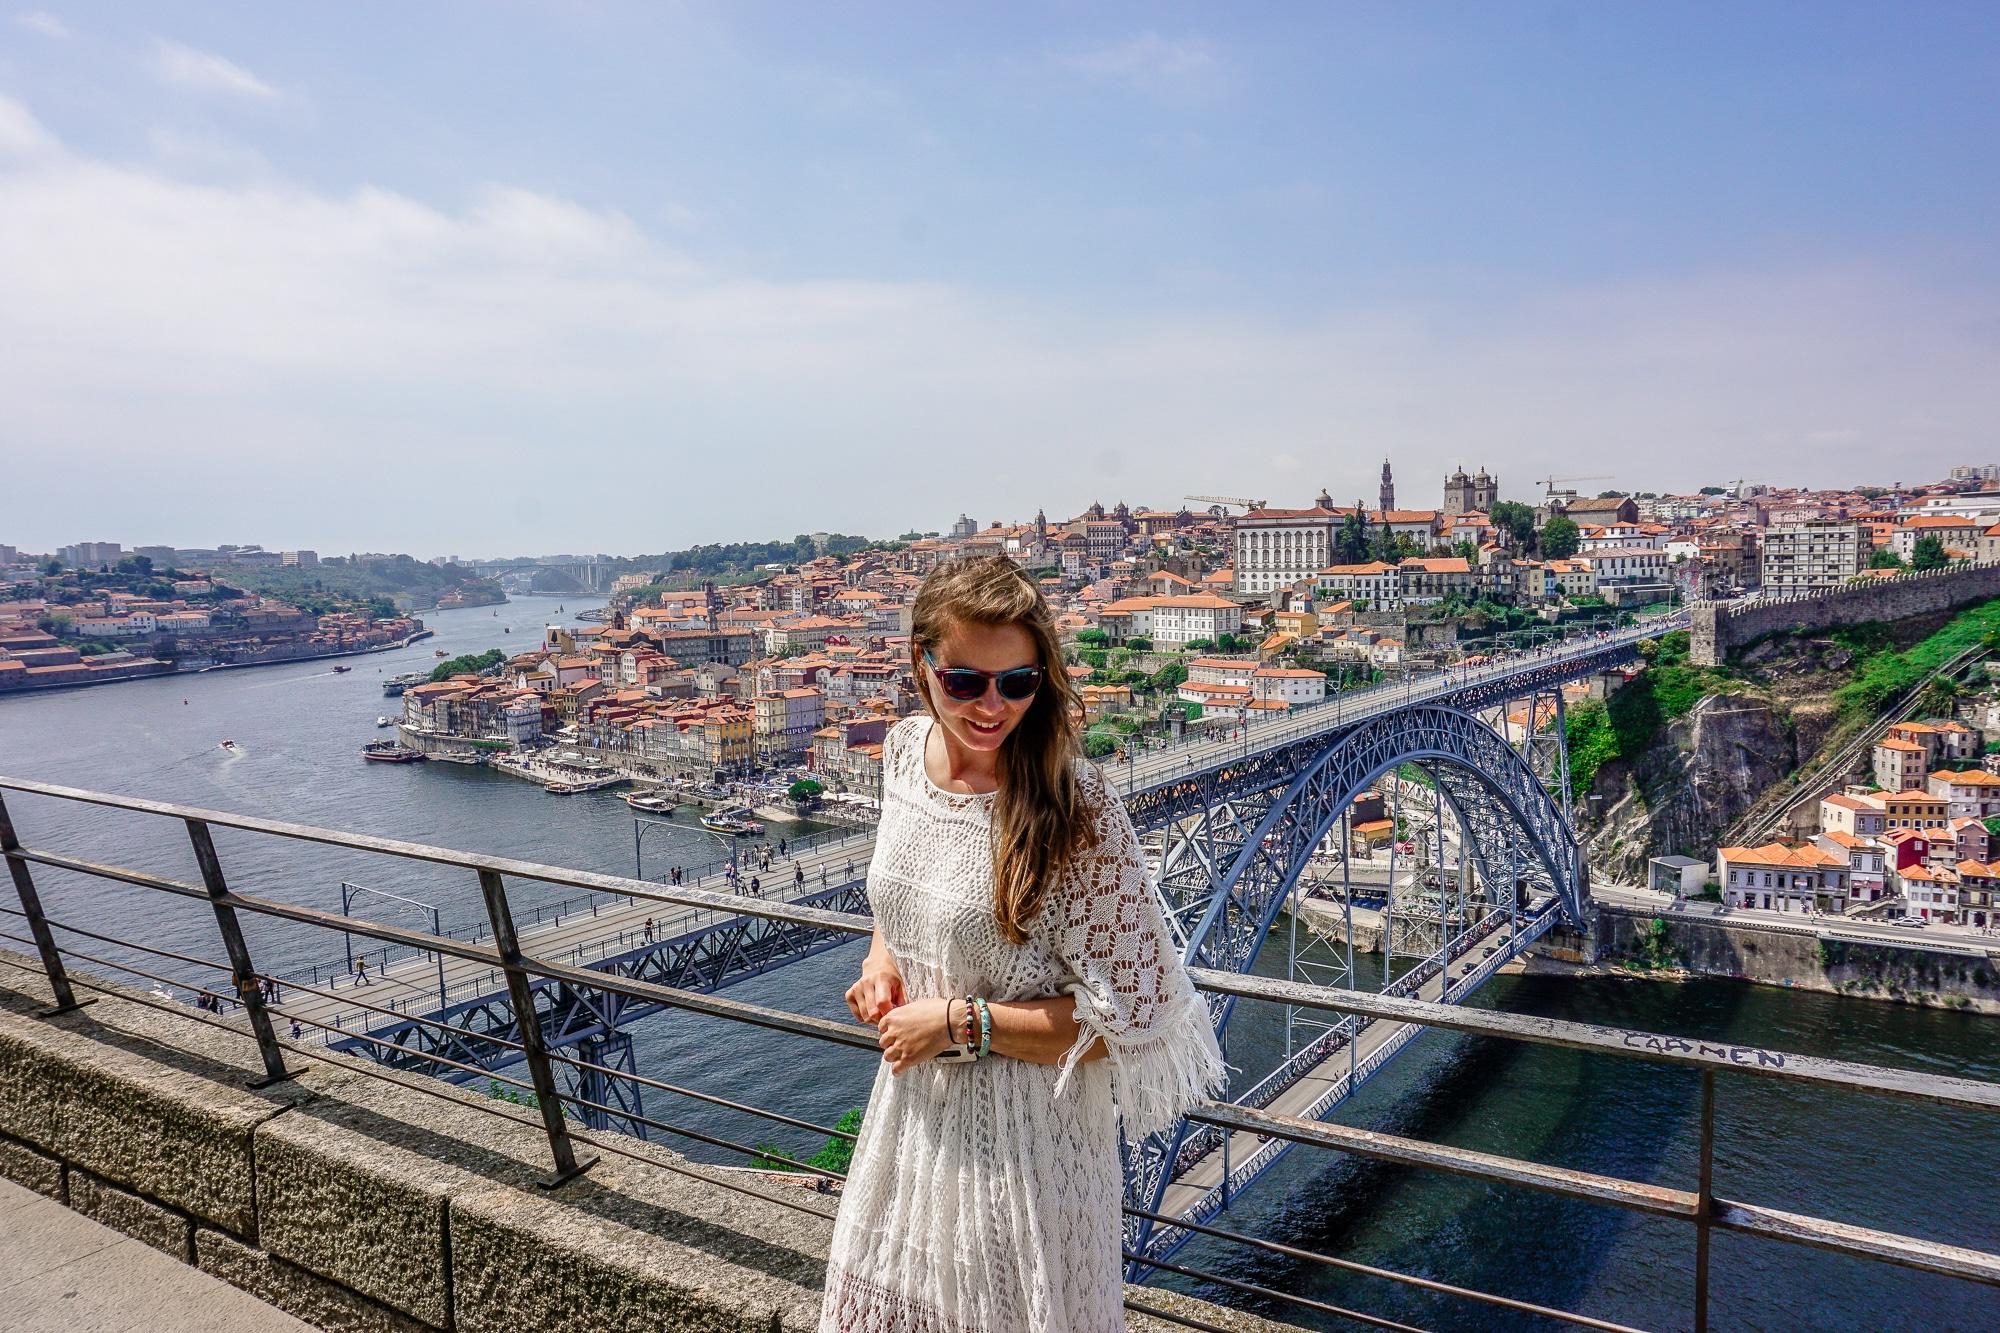 Porto Sehenswürdigkeiten: Top Ten Porto Highlights für einen Städtetrip